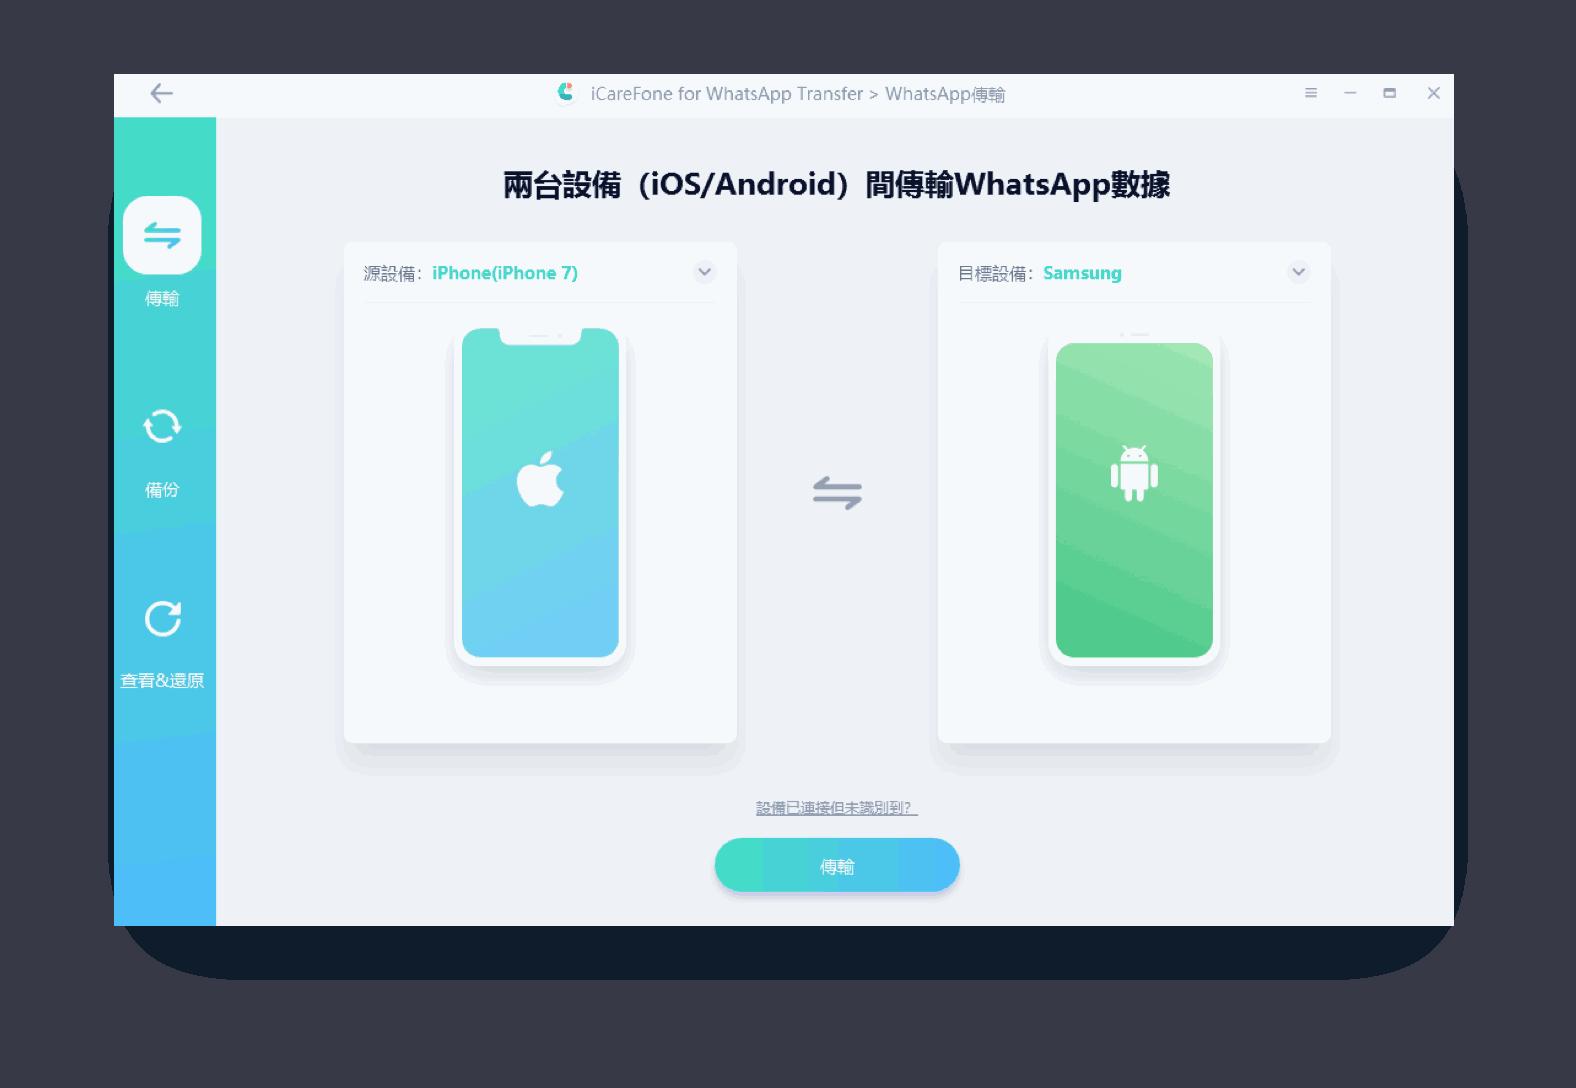 將兩個Android設備連接到電腦